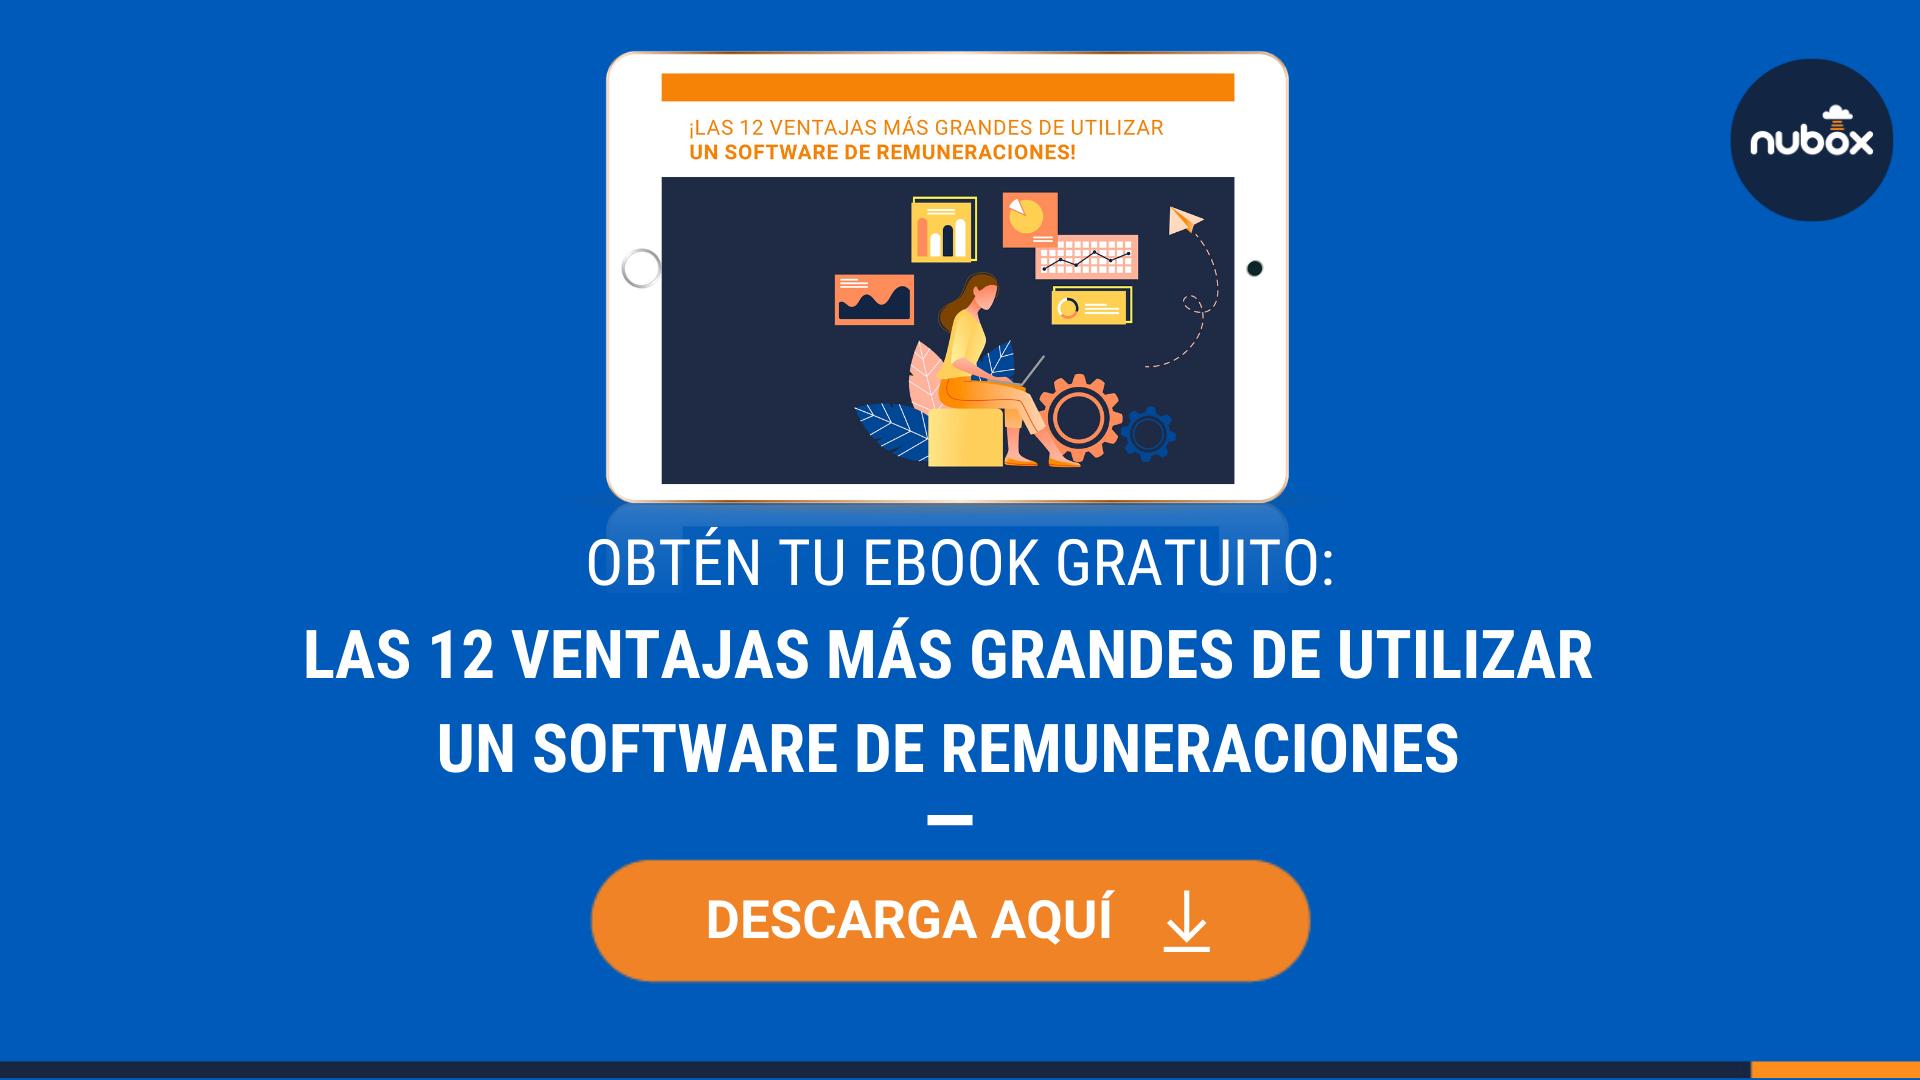 [Ebook Gratuito] Las 12 ventajas más grandes de un software de remuneraciones